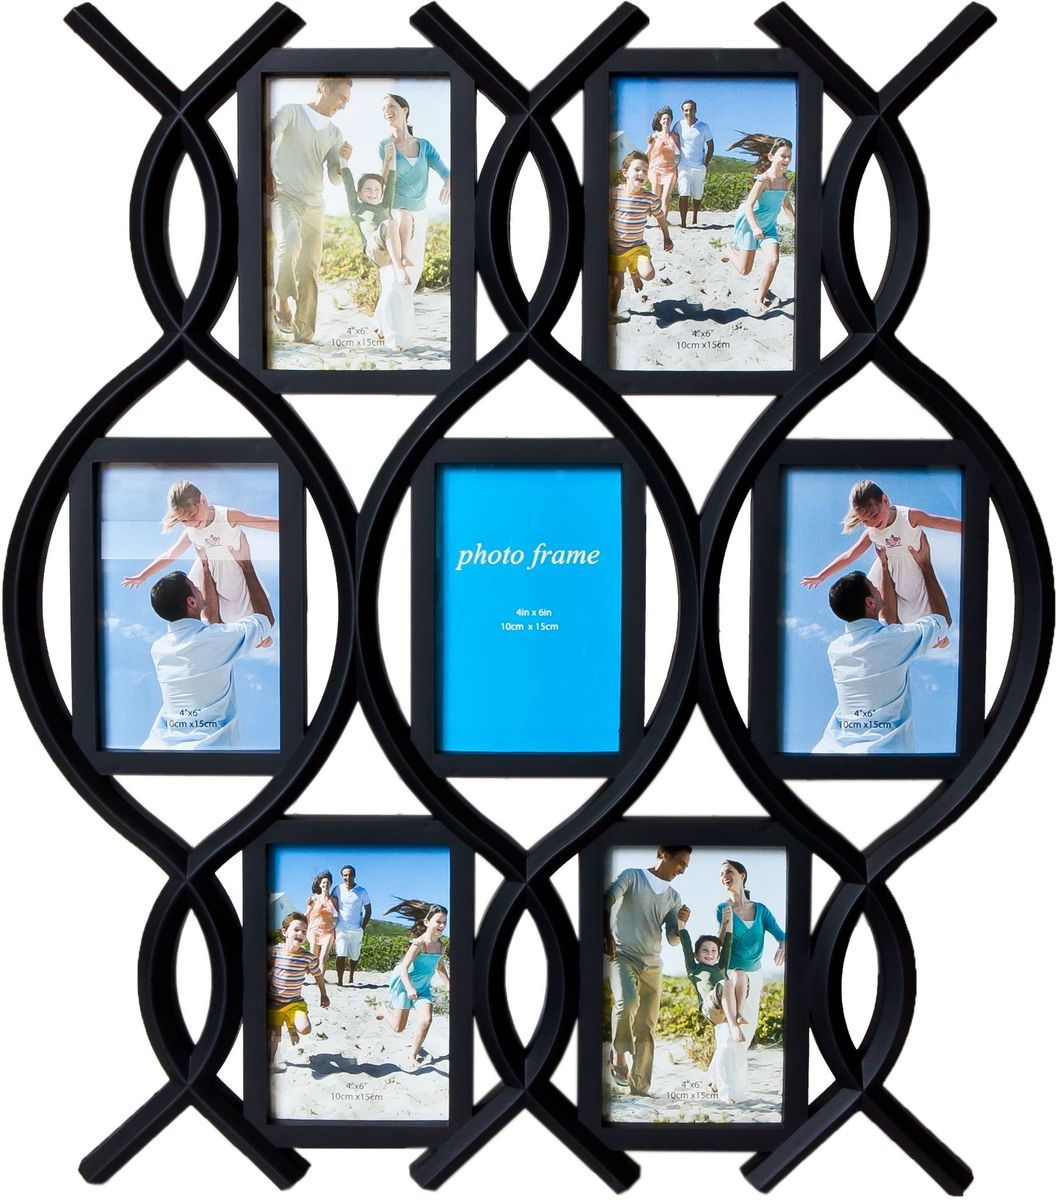 Фоторамка Platinum, цвет: черный, на 7 фото 10 х 15 см. BH-140741619Фоторамка Platinum - прекрасный способ красиво оформить ваши фотографии. Фоторамка выполнена из пластика и защищена стеклом. Фоторамка-коллаж представляет собой семь фоторамок для фото одного размера оригинально соединенных между собой. Такая фоторамка поможет сохранить в памяти самые яркие моменты вашей жизни, а стильный дизайн сделает ее прекрасным дополнением интерьера комнаты. Фоторамка подходит для фотографий 10 х 15 см.Общий размер фоторамки: 51 х 58 см.